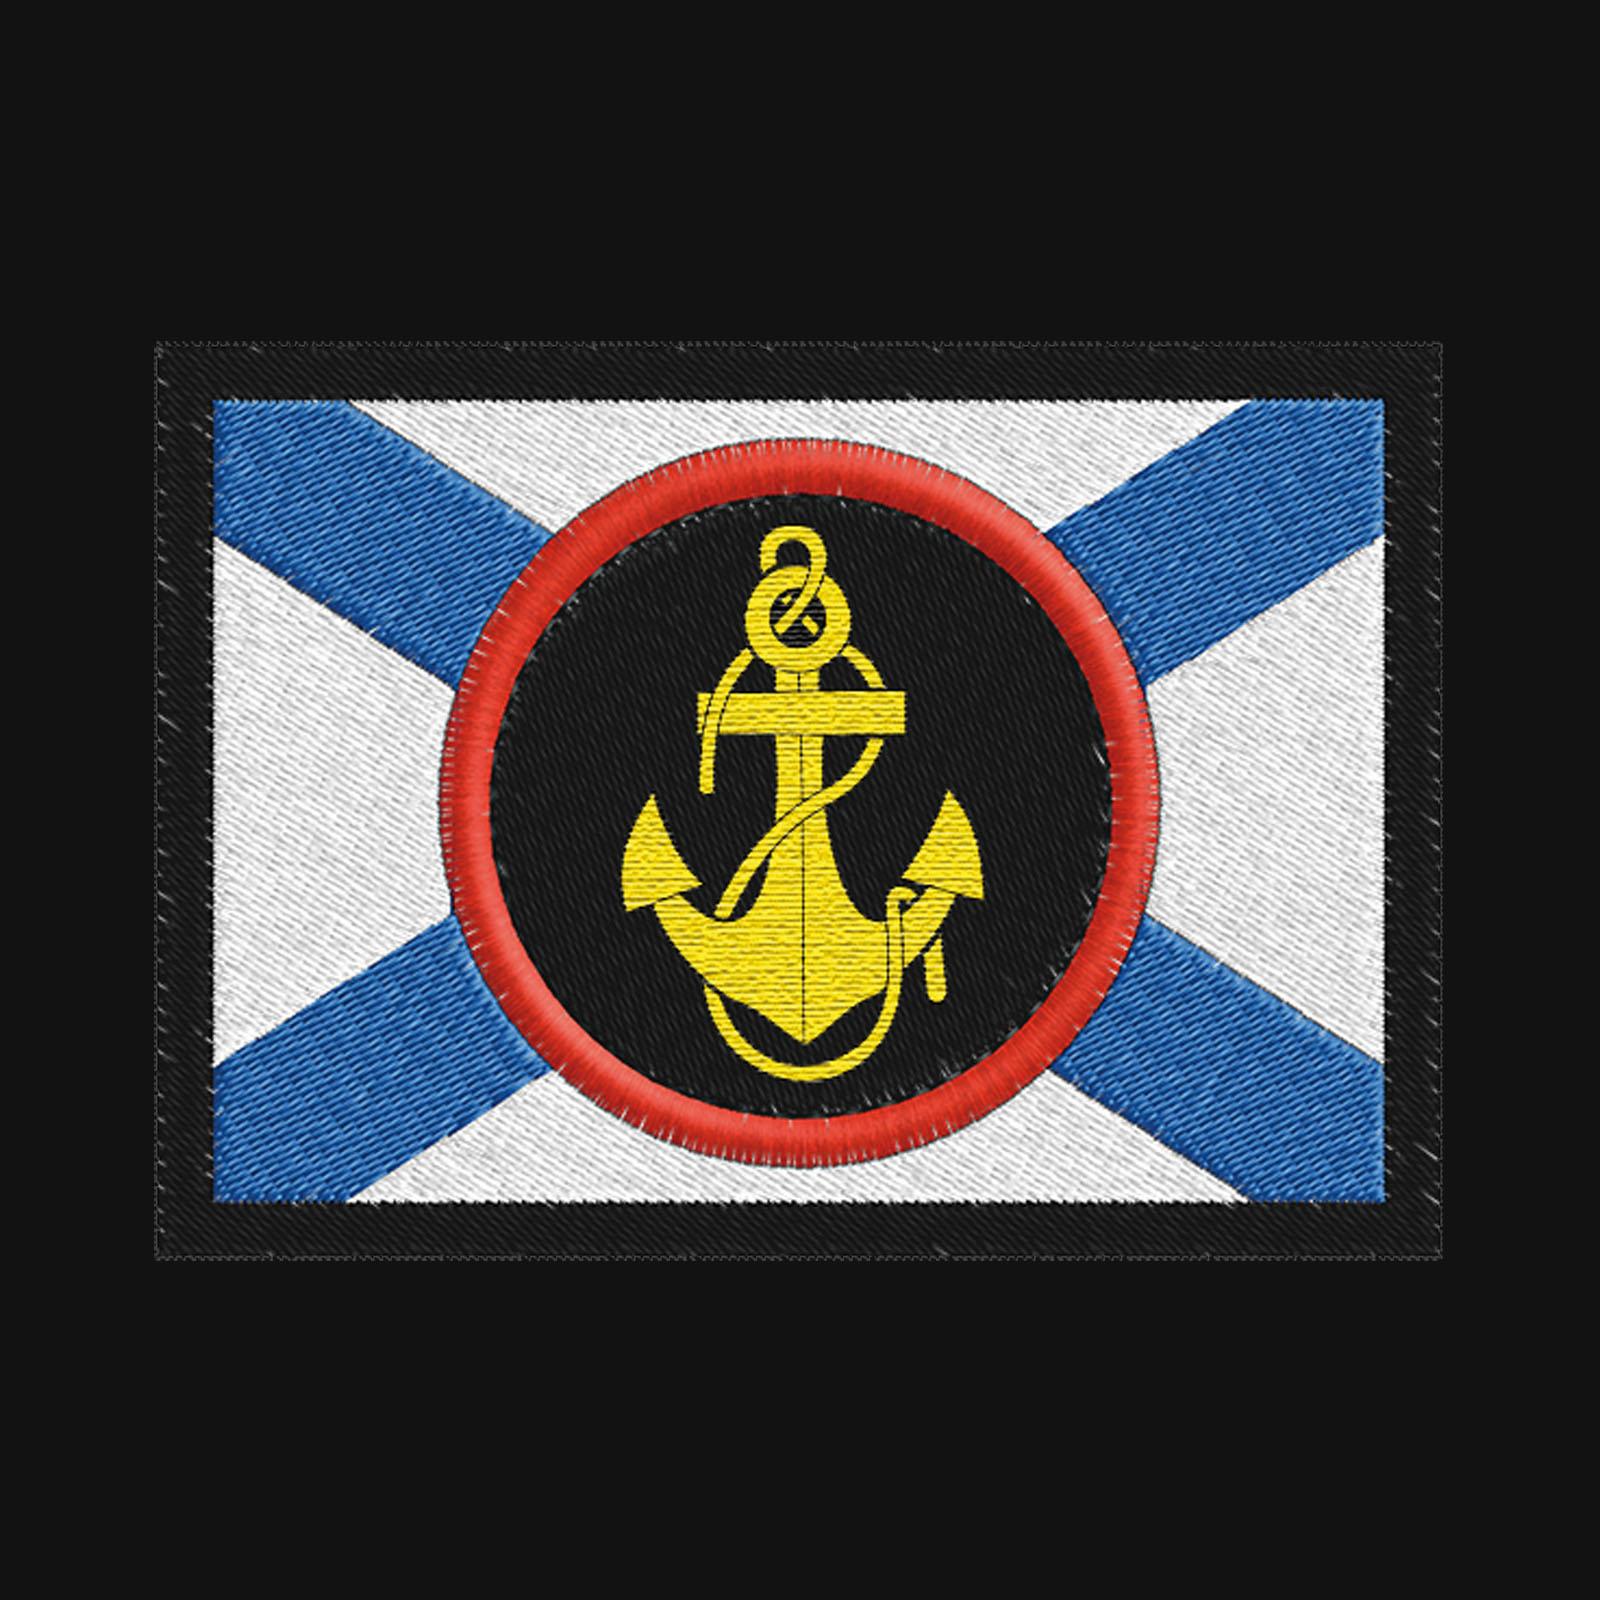 Форменная толстовка с нашивкой Морской Пехоты